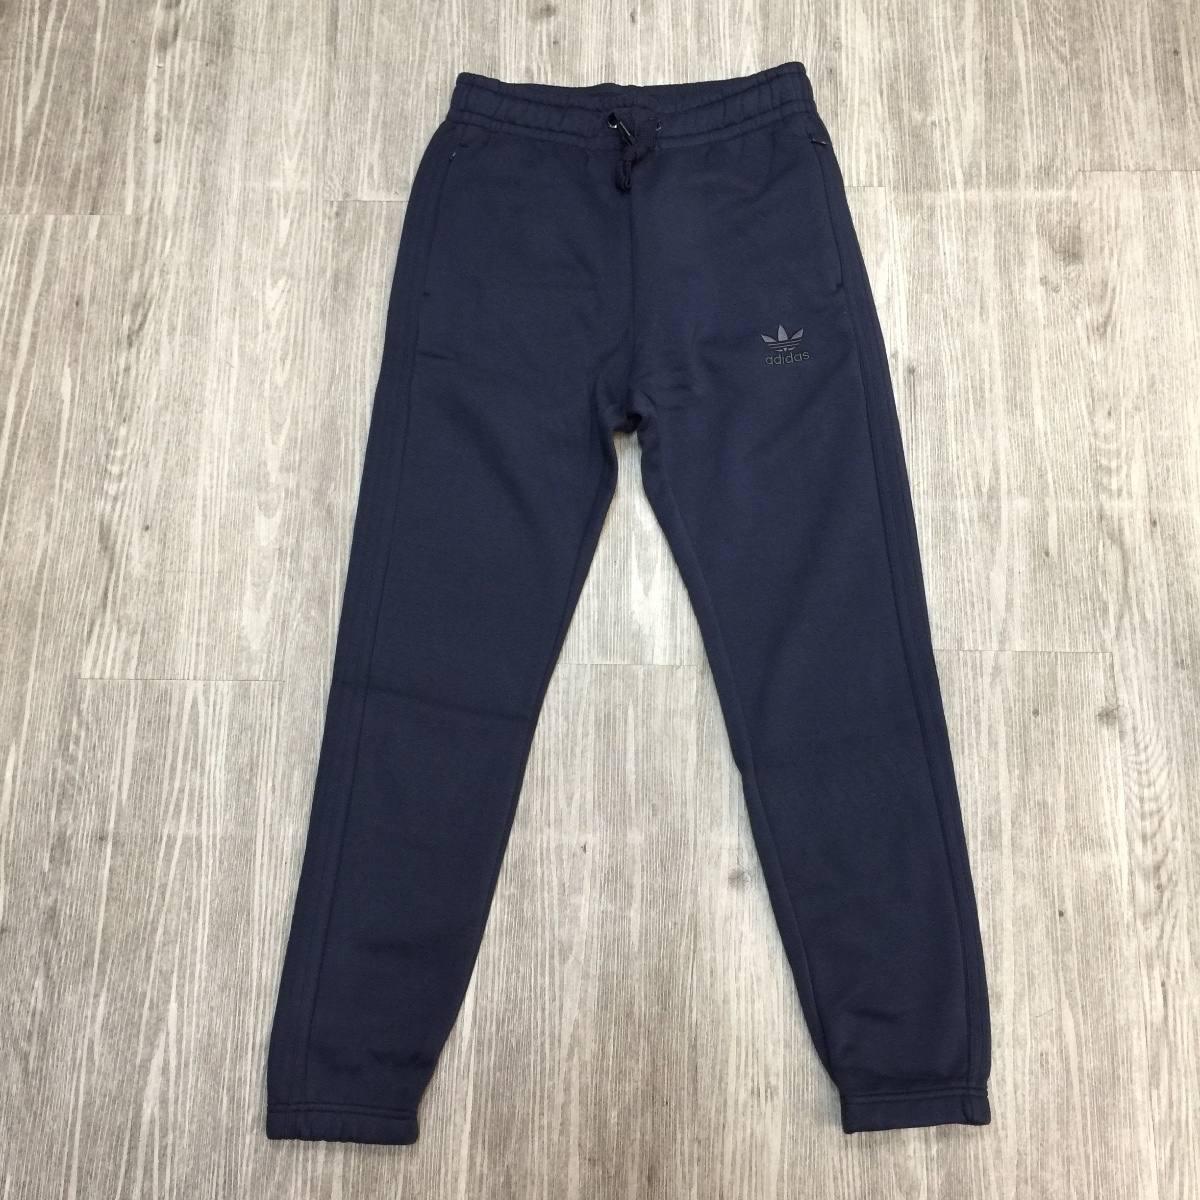 8cc9818ada68a pants adidas originals azul marino hombre bk5907 look trendy · pants adidas  hombre. Cargando zoom.